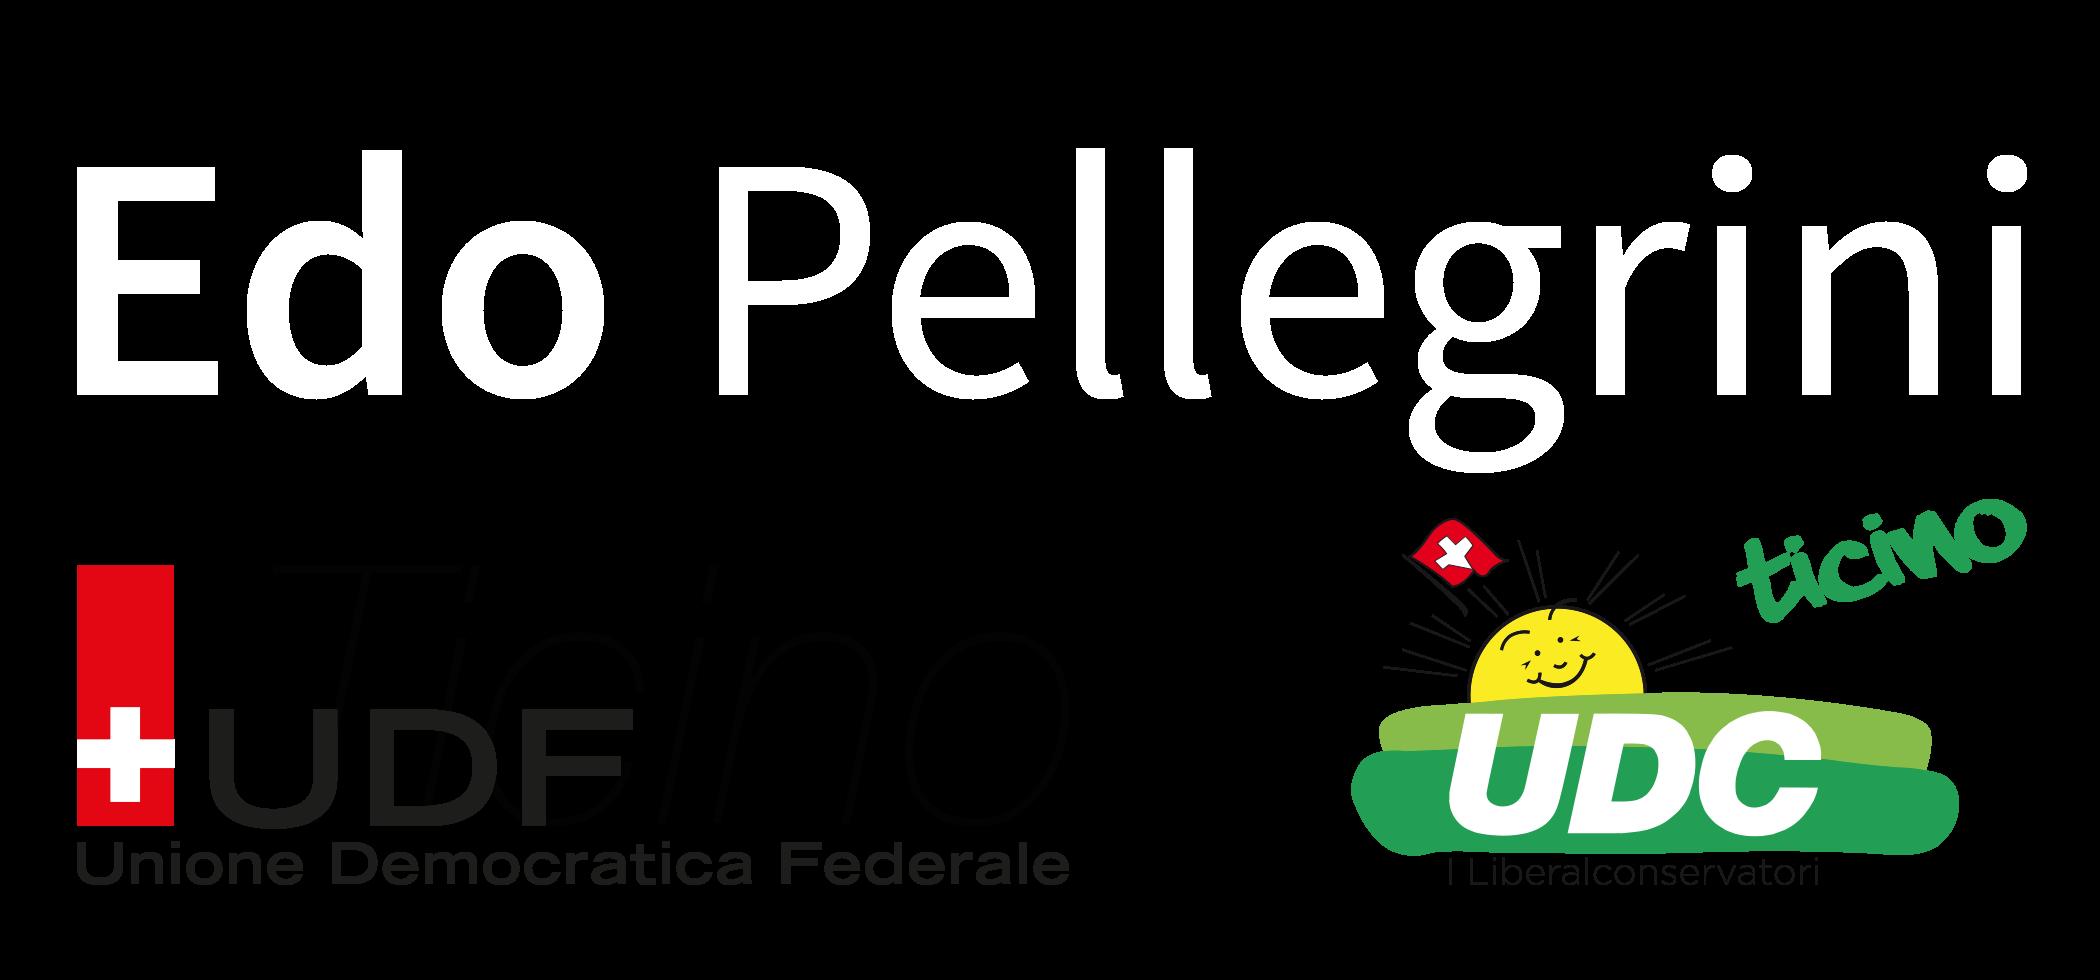 Edo Pellegrini